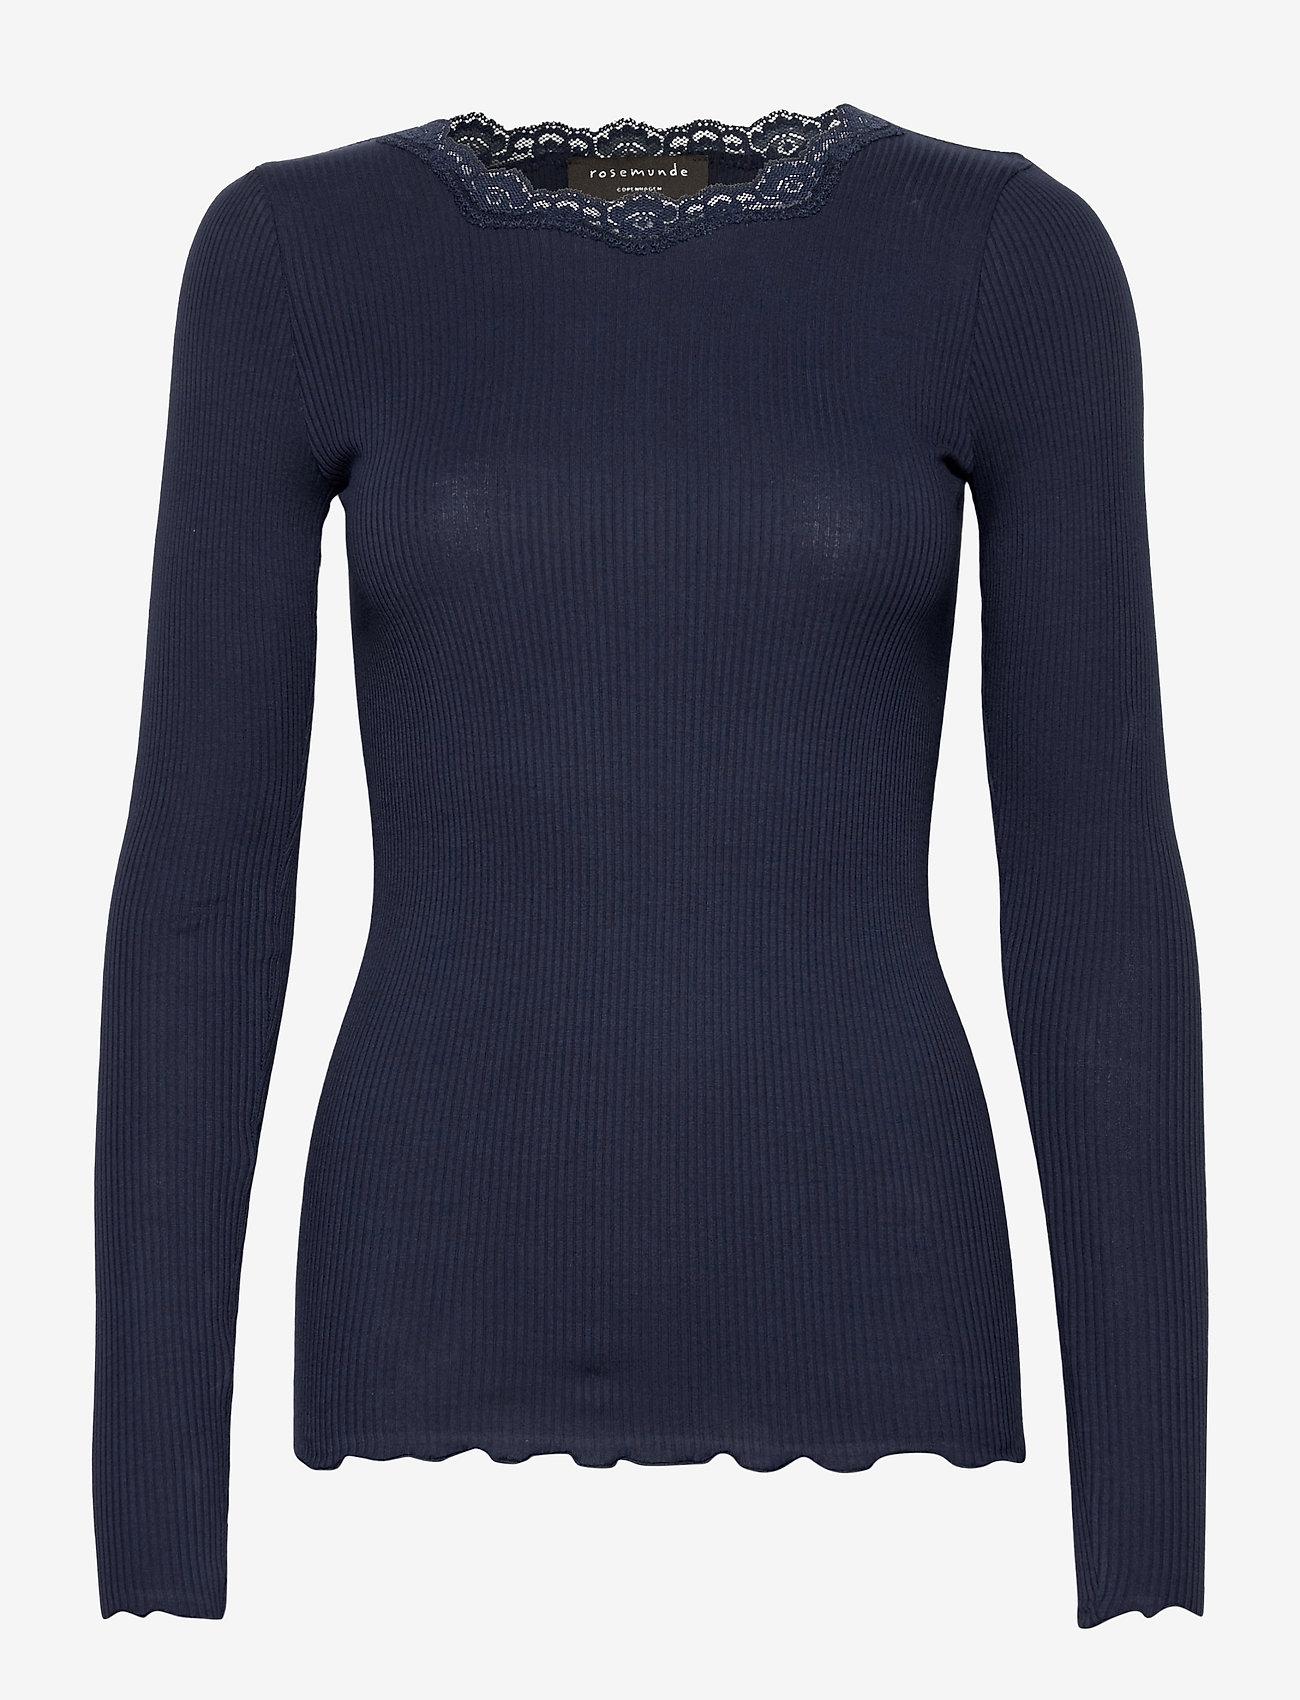 Rosemunde - Organic t-shirt regular w/lace - långärmade toppar - navy - 0